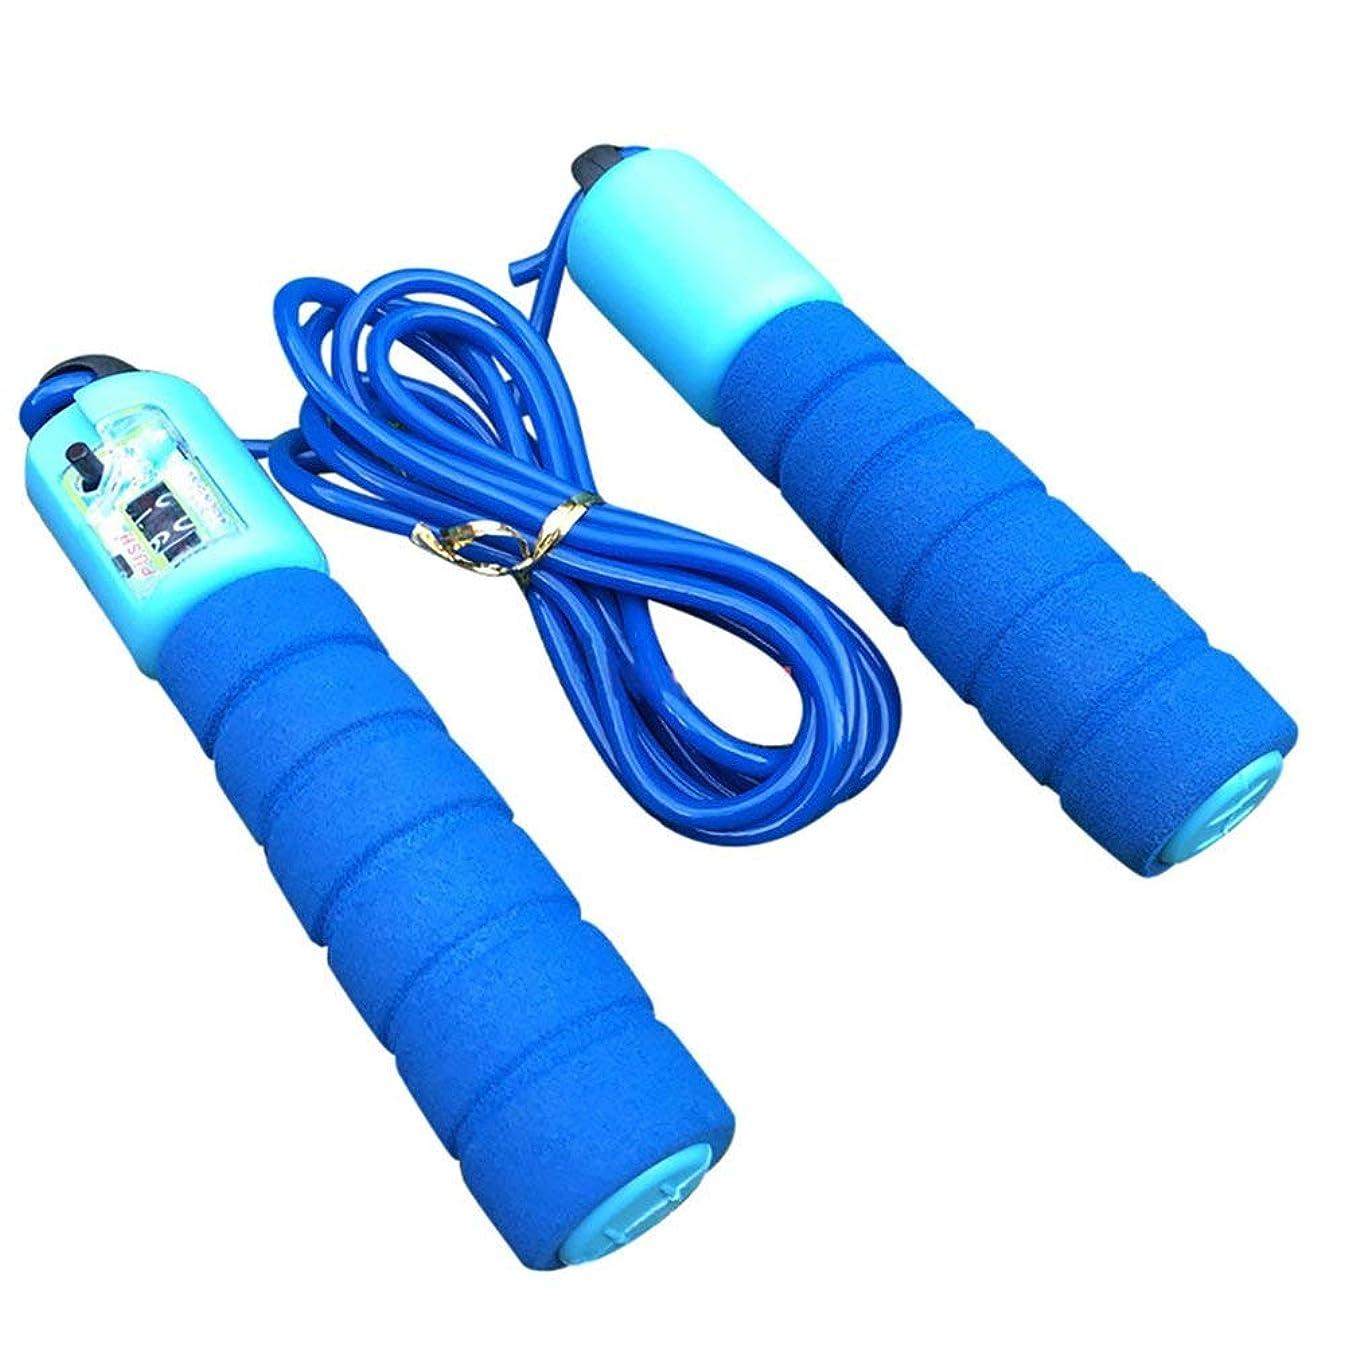 冒険ピケカビ調整可能なプロフェッショナルカウント縄跳び自動カウントジャンプロープフィットネス運動高速カウントジャンプロープ - 青